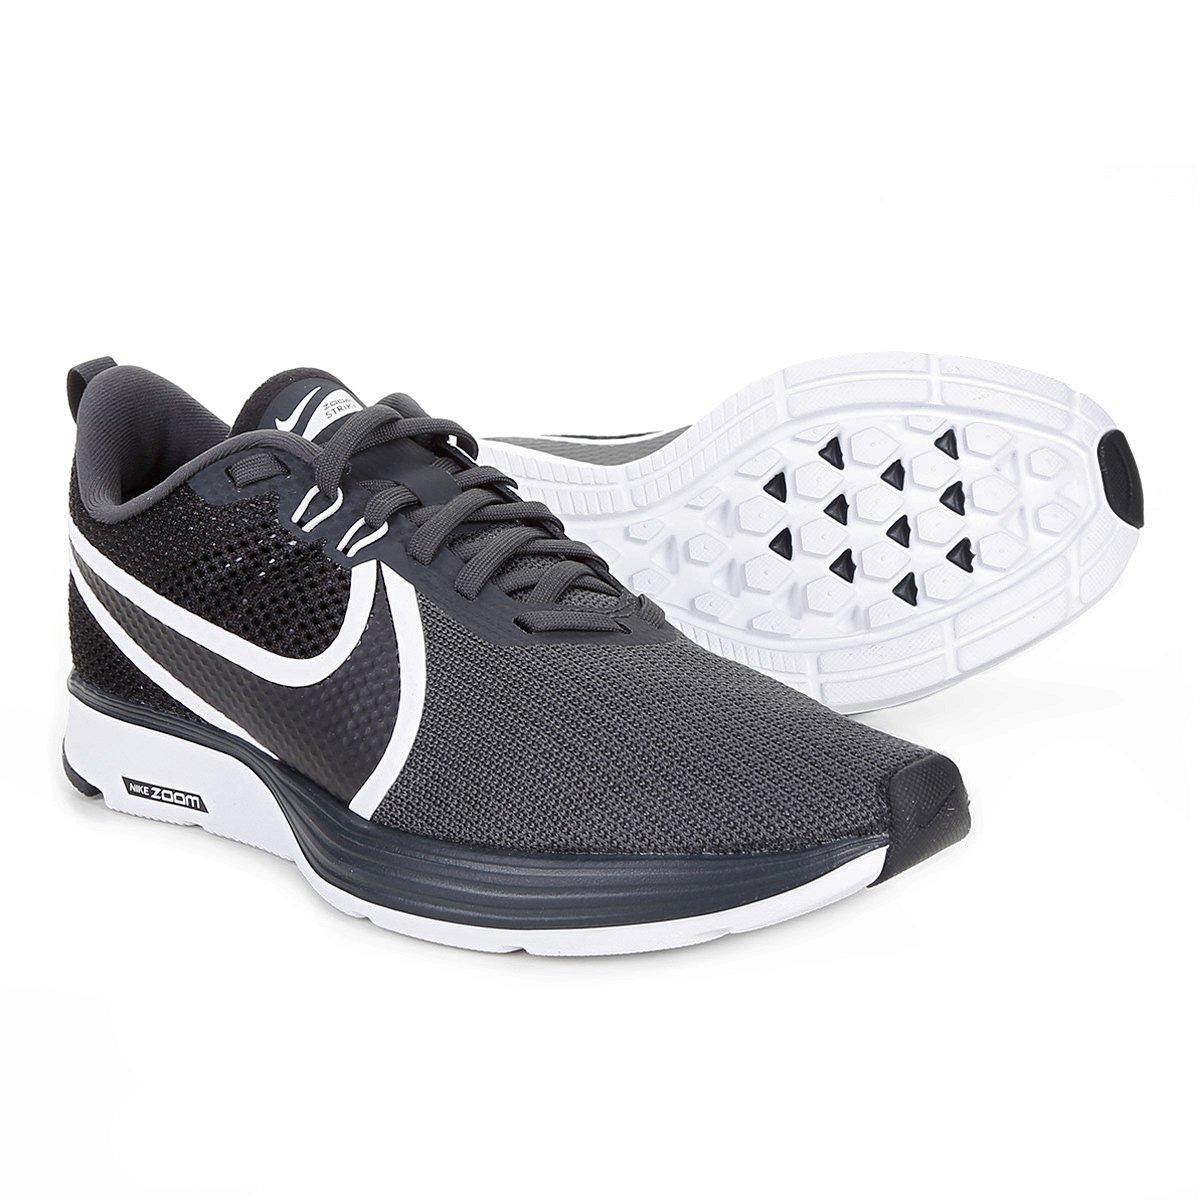 5920f70197a Tênis Nike Zoom Strike 2 Masculino - Preto e Branco - Compre Agora ...